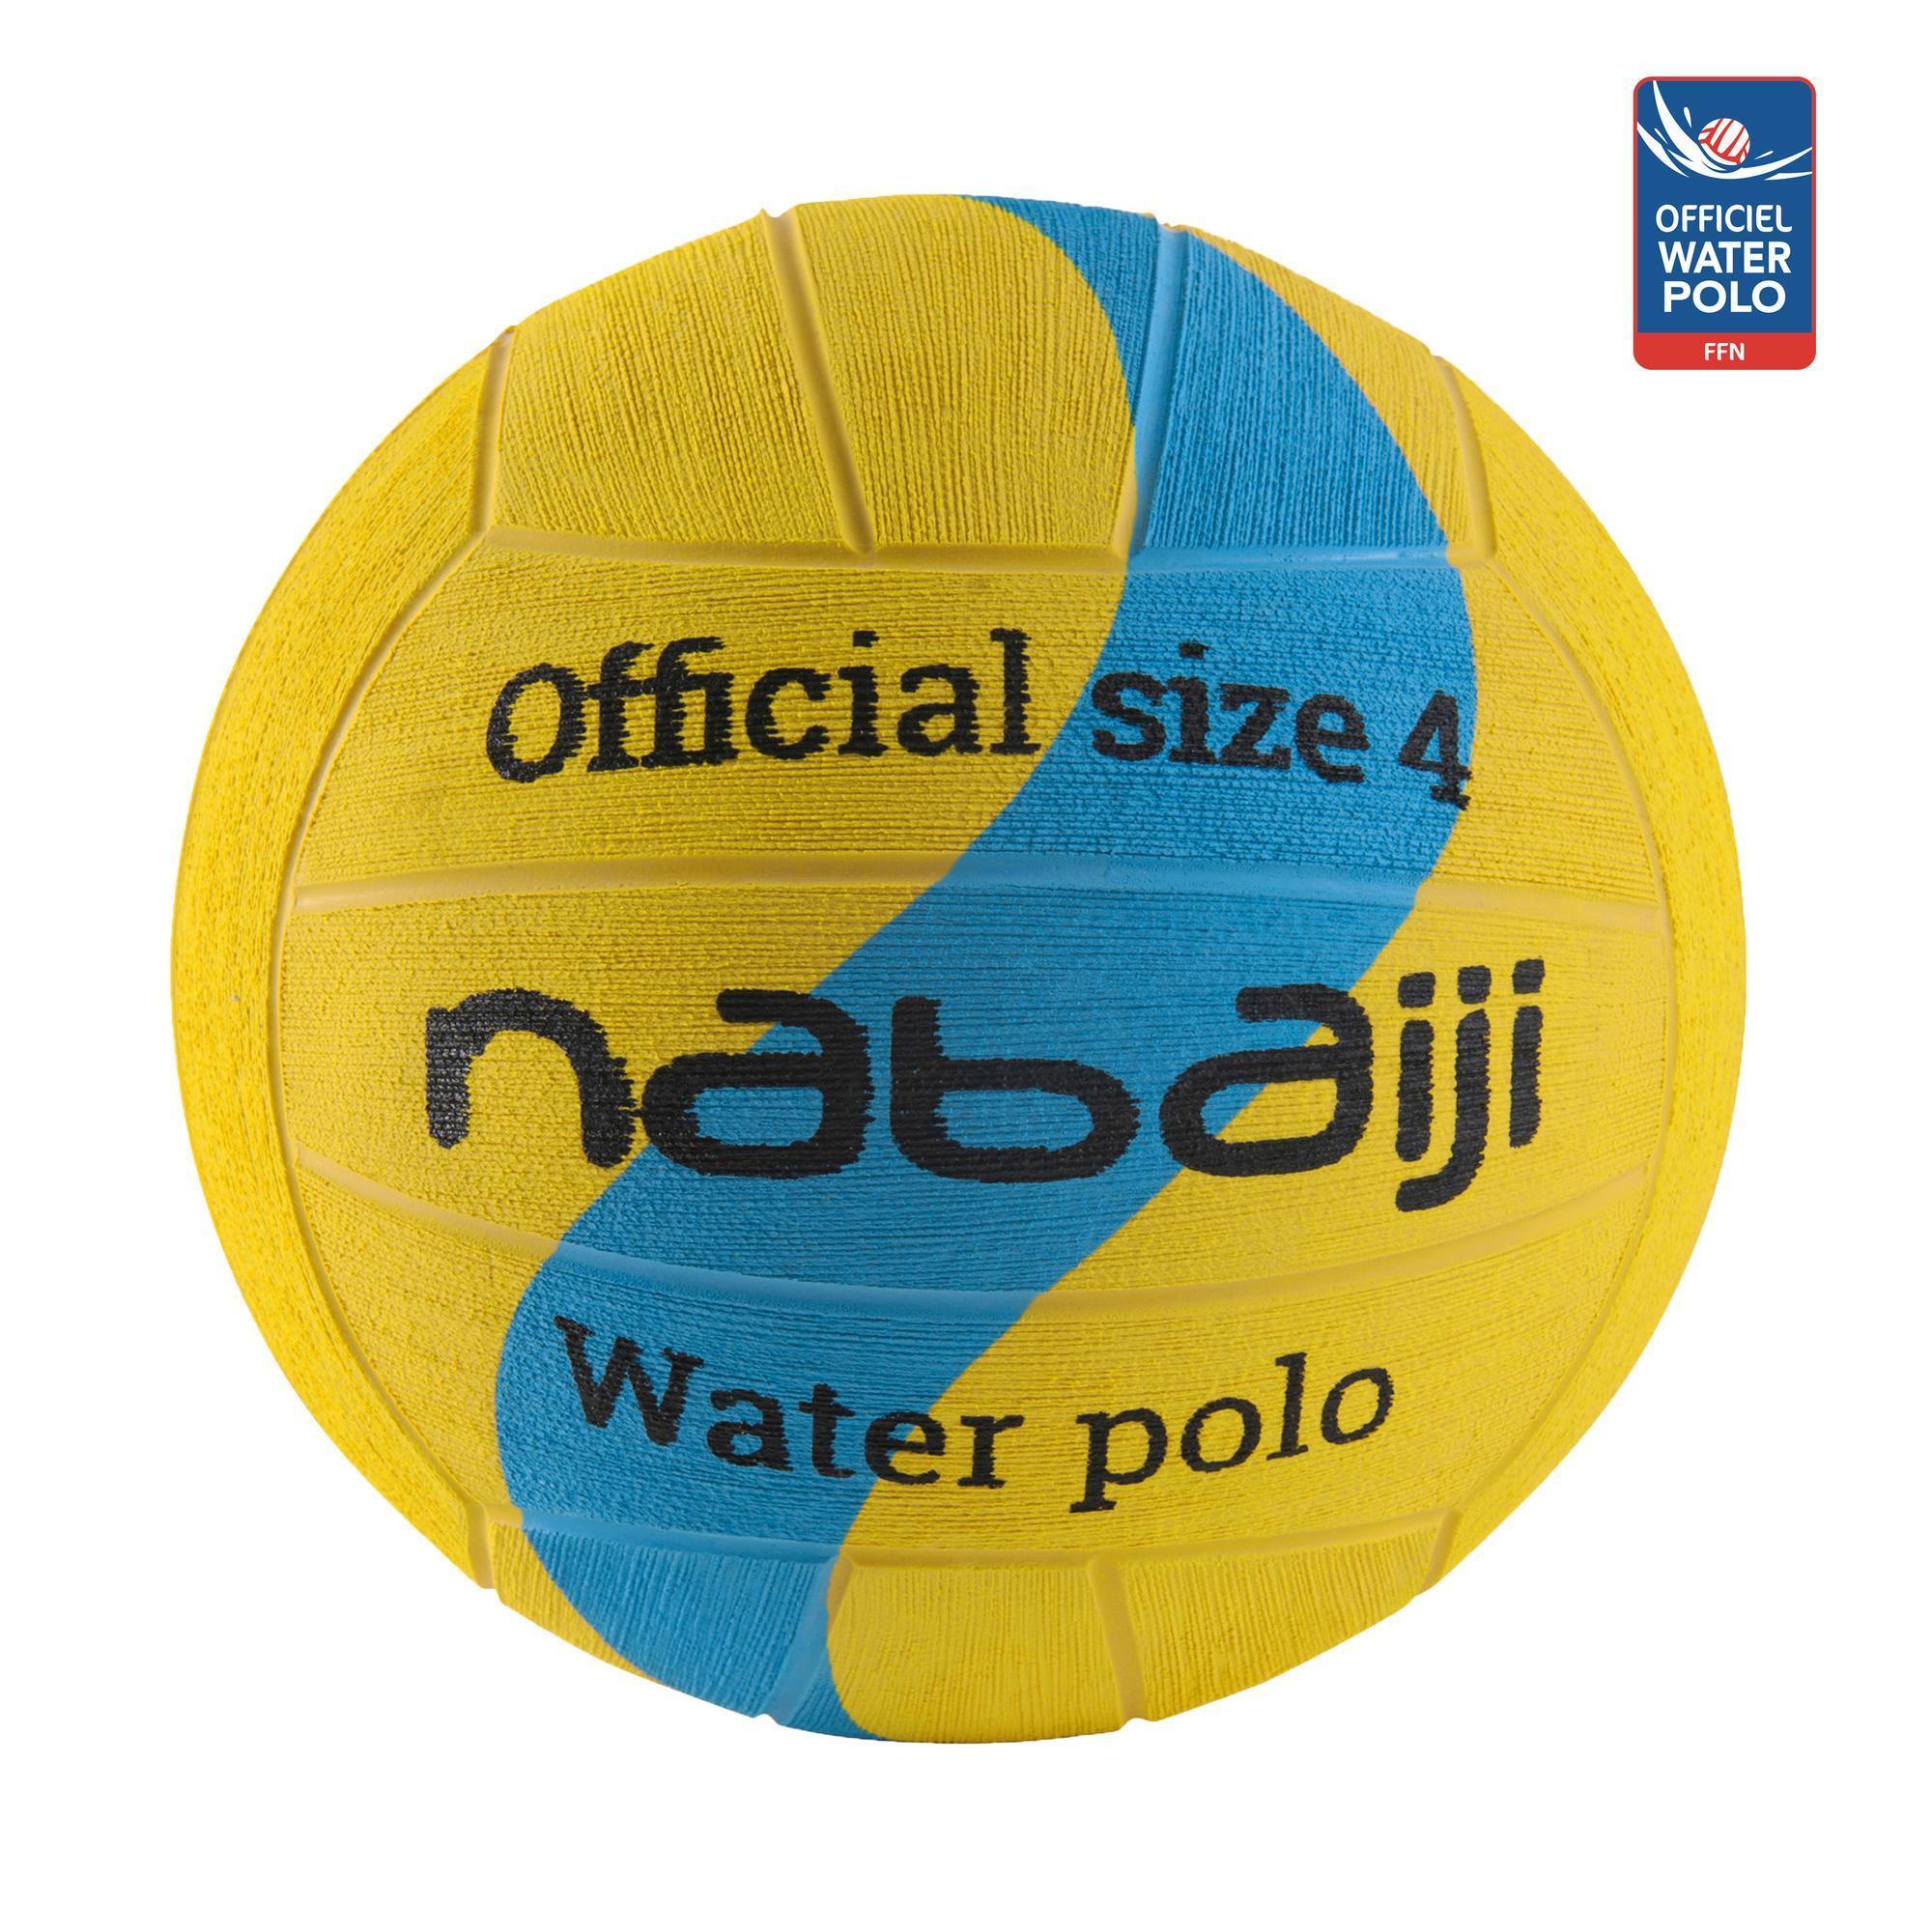 Damen,Jungen,Kinder Wasserball offizieller Ball der frz. Wasserball-Meisterschaft Damen 4 | 03583787994795